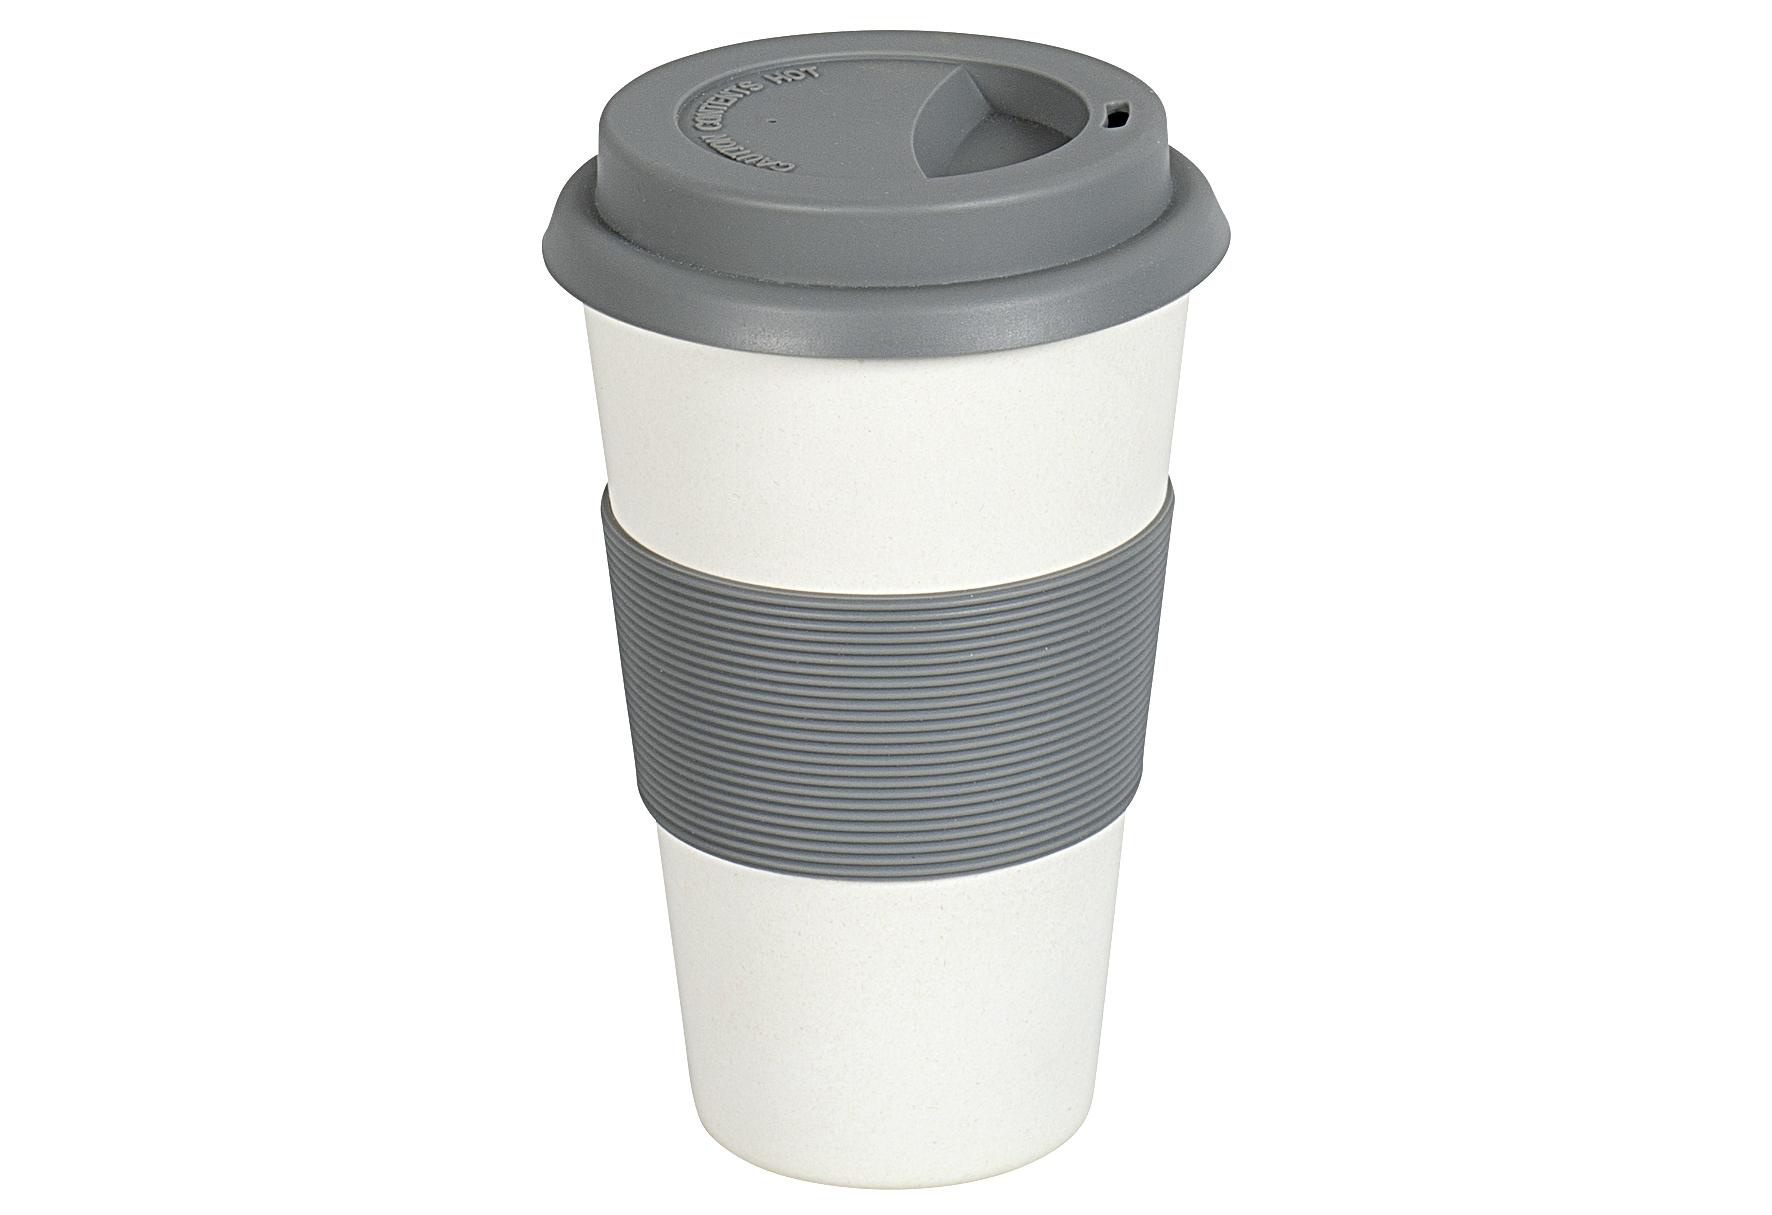 MAGU Becher Coffee to go Natur Design 350 ml creme ca. 70 % Cellulose (gewonnen aus Bambusfasern, Maisstärke und Holzfasern) / ca. 30 % Harze, lebensmittelecht